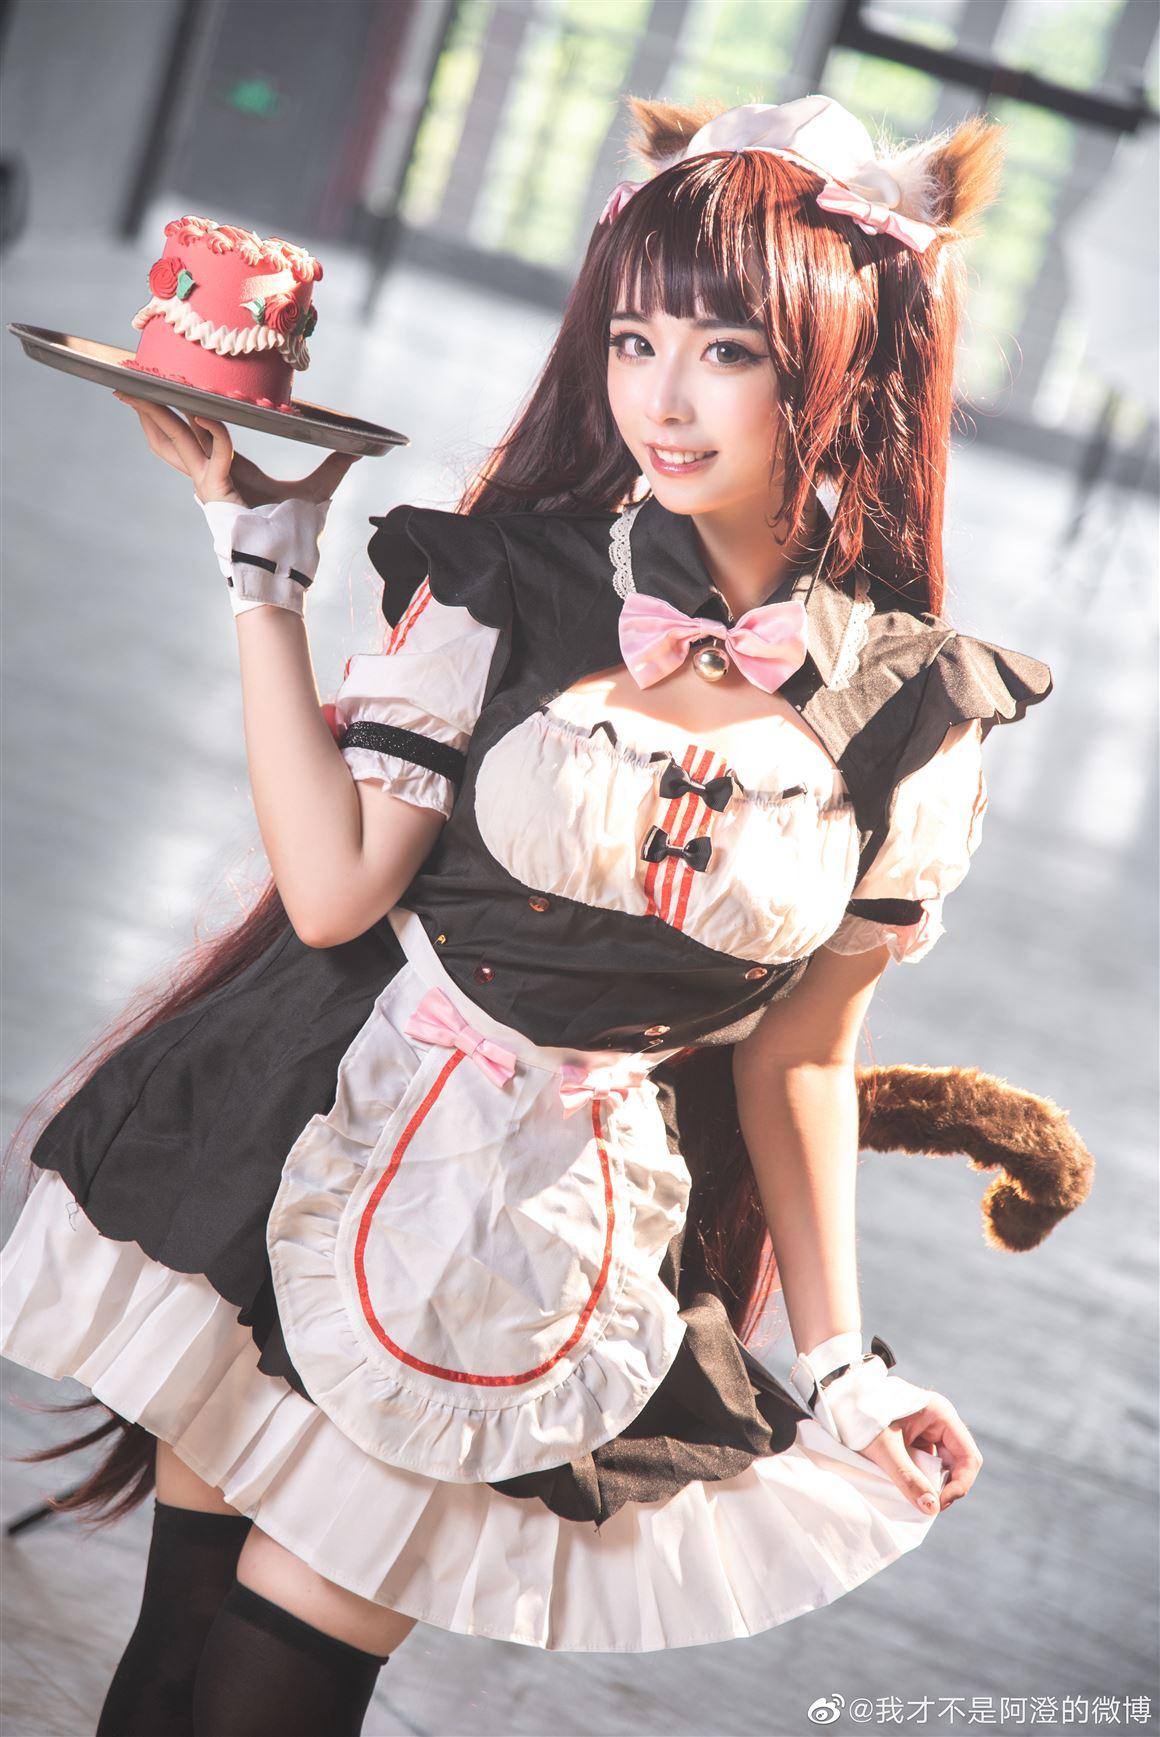 《巧克力与香子兰》巧克力可爱女仆装Cosplay美图【CN:我才不是阿澄的微博】 (9P)-第3张